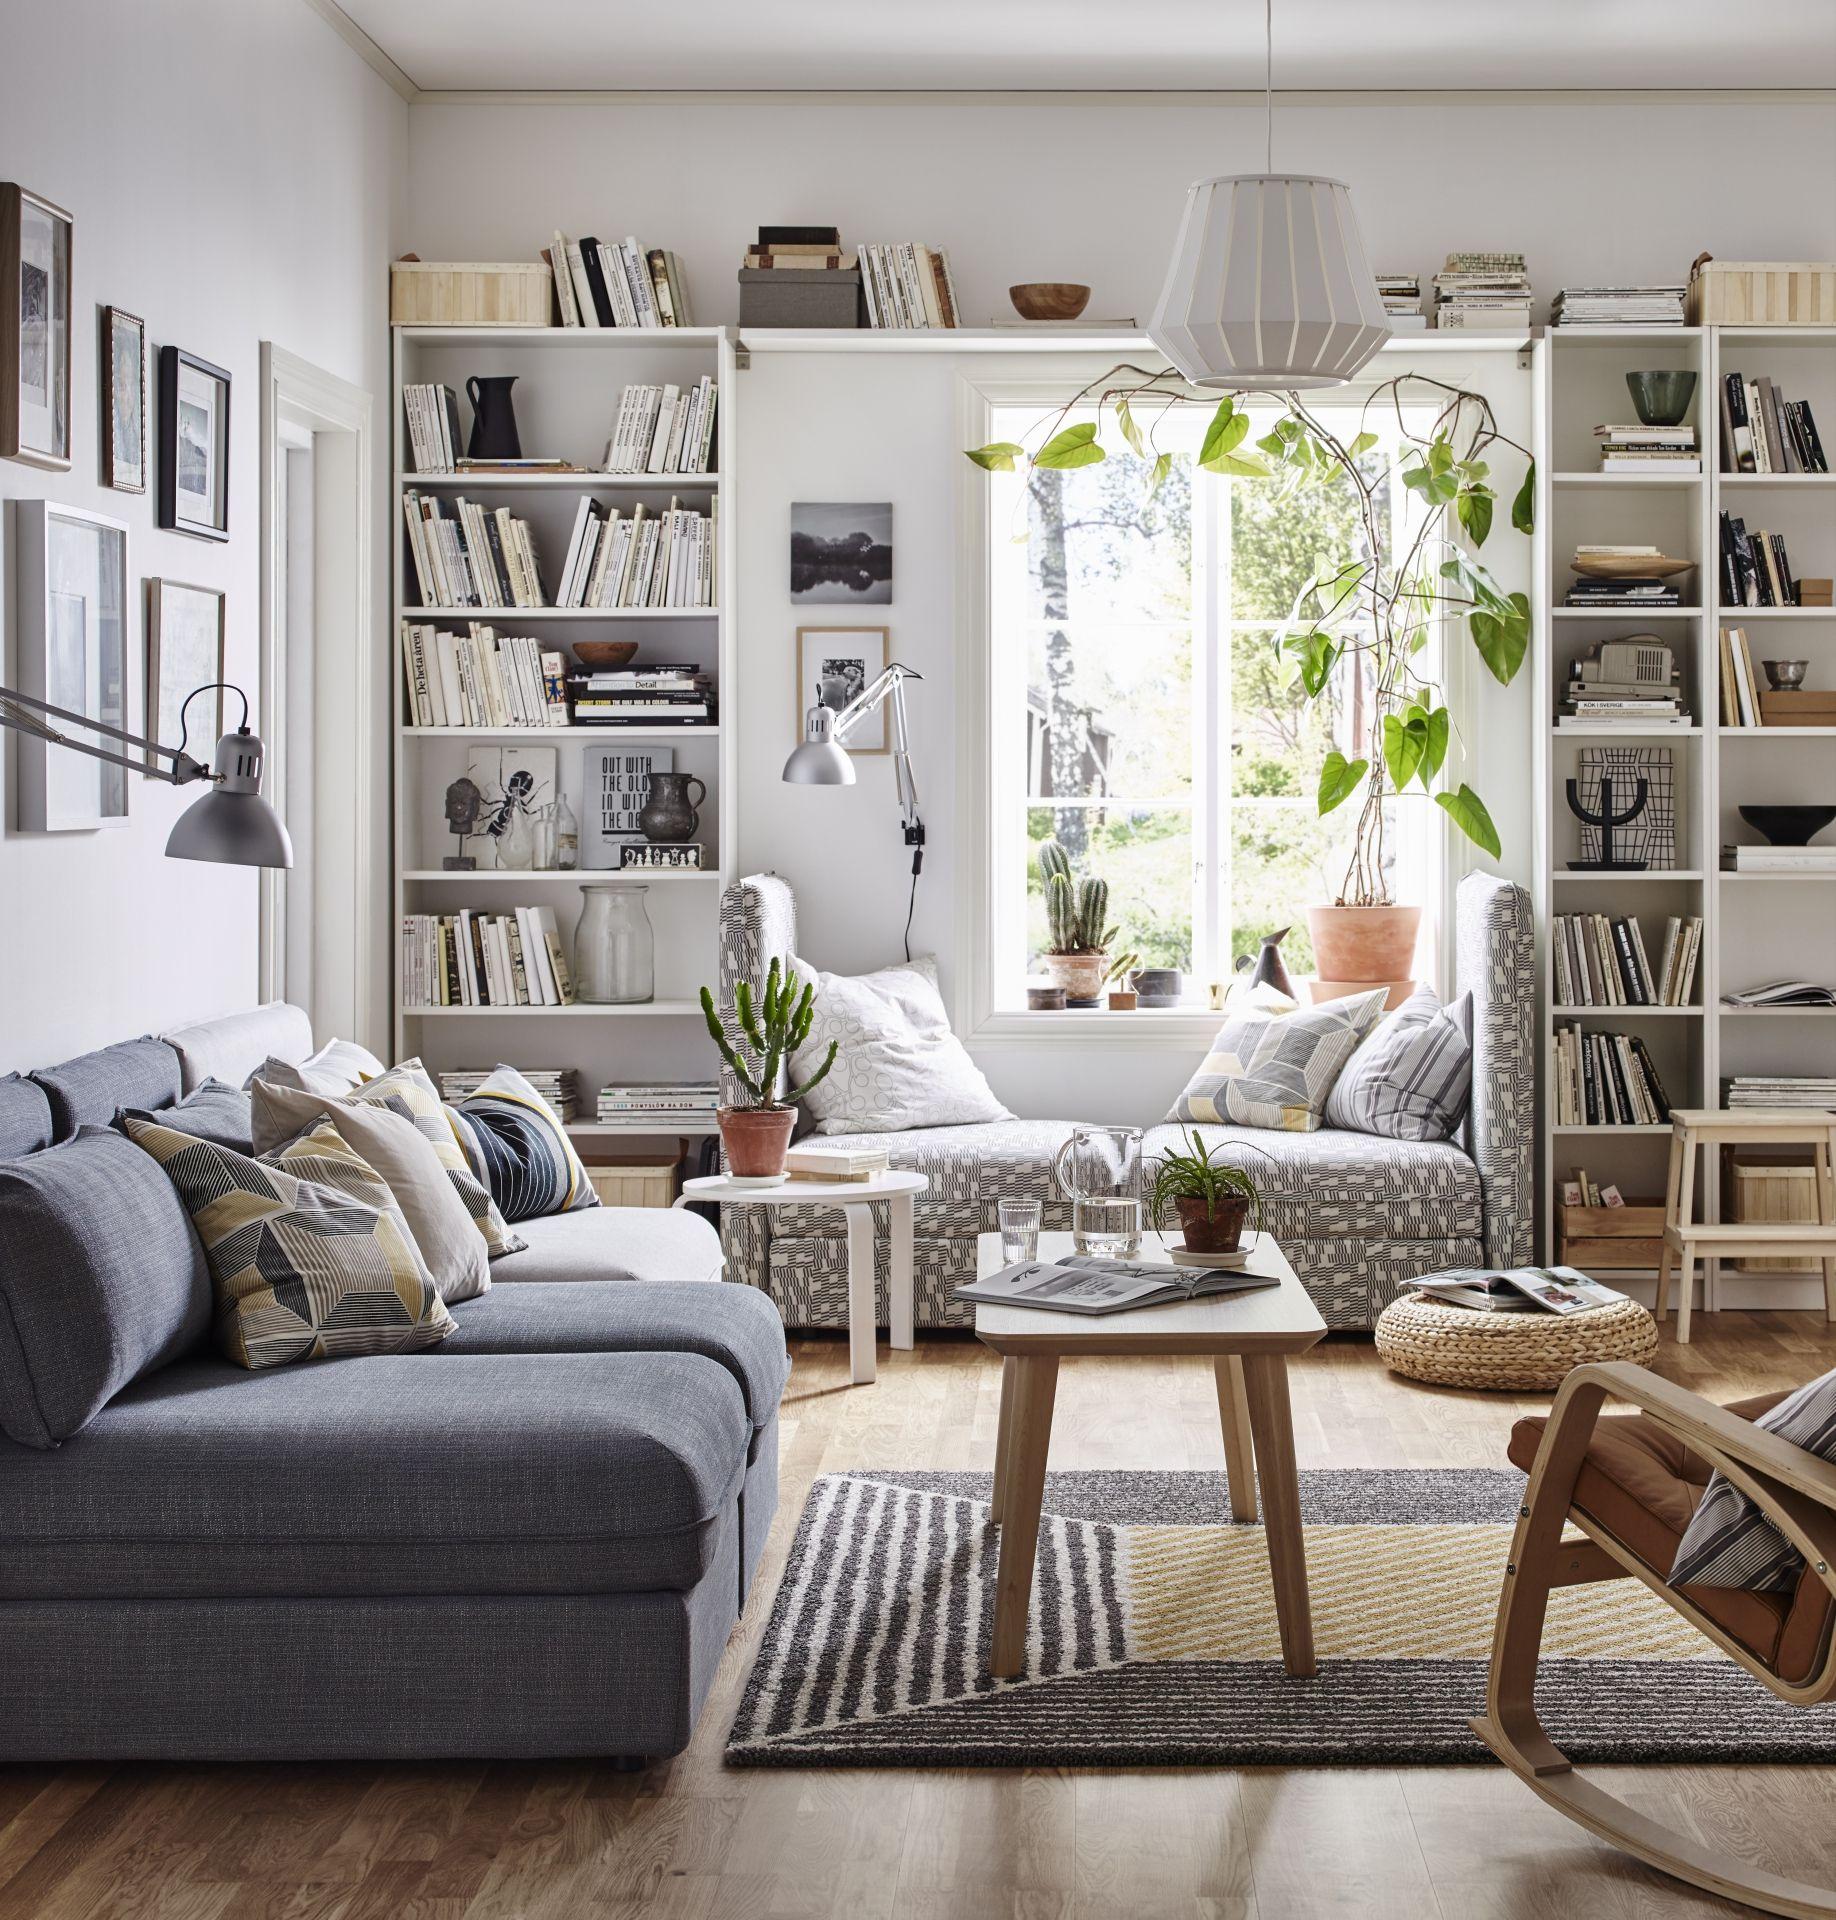 billy boekenkast | ikea ikeanederland inspiratie wooninspiratie